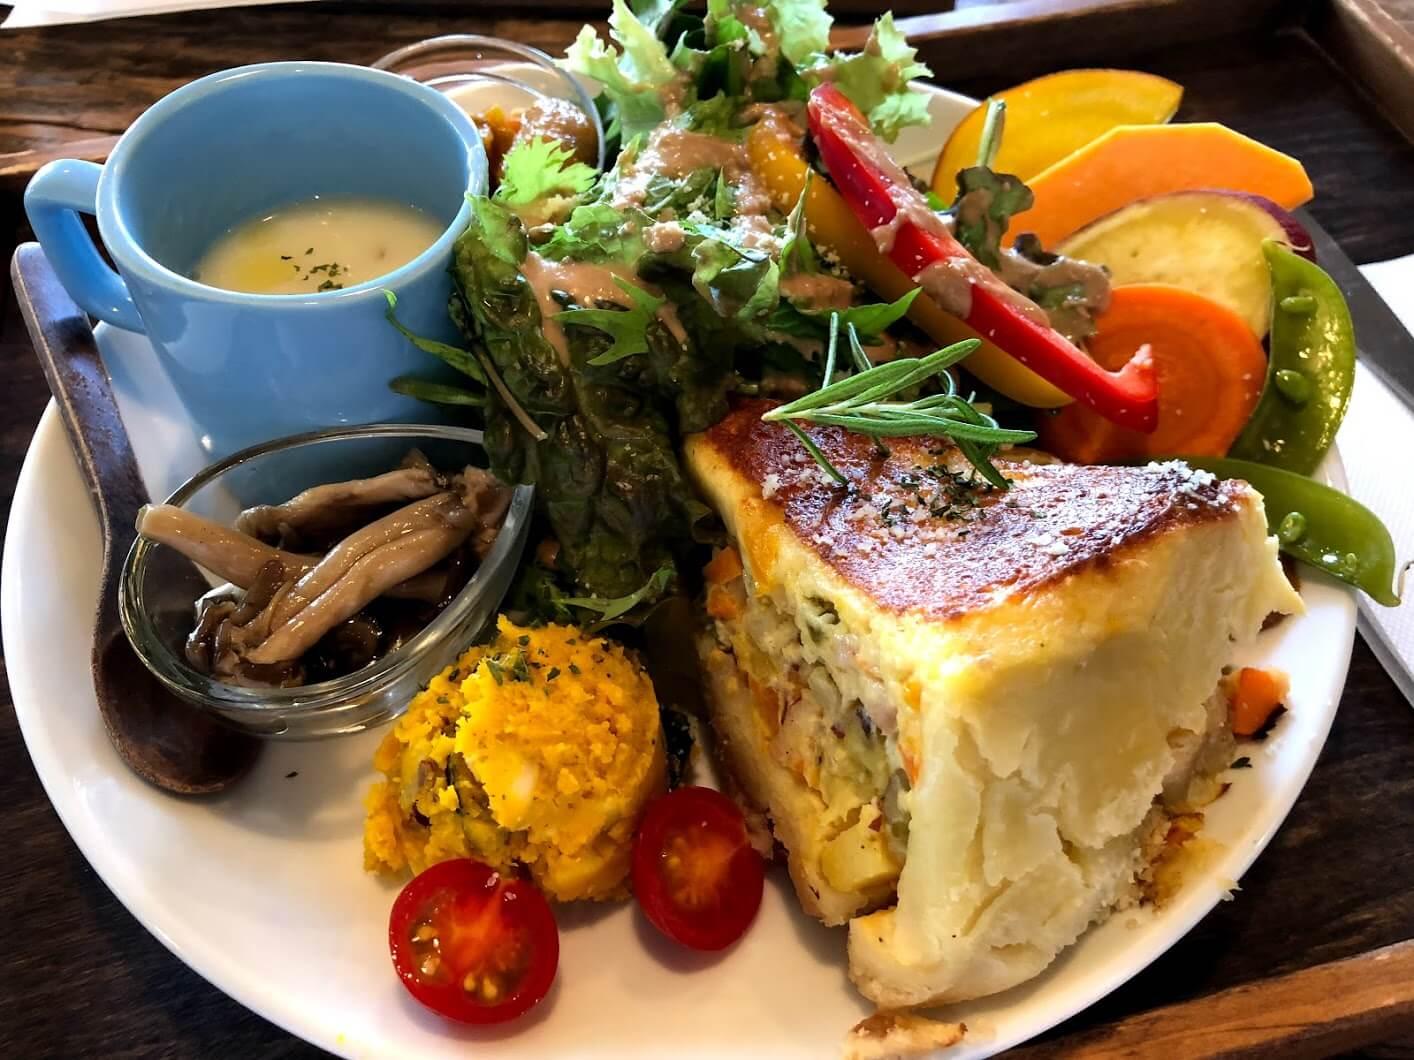 野菜たっぷり自家製キッシュプレート 1,100yen(税別)